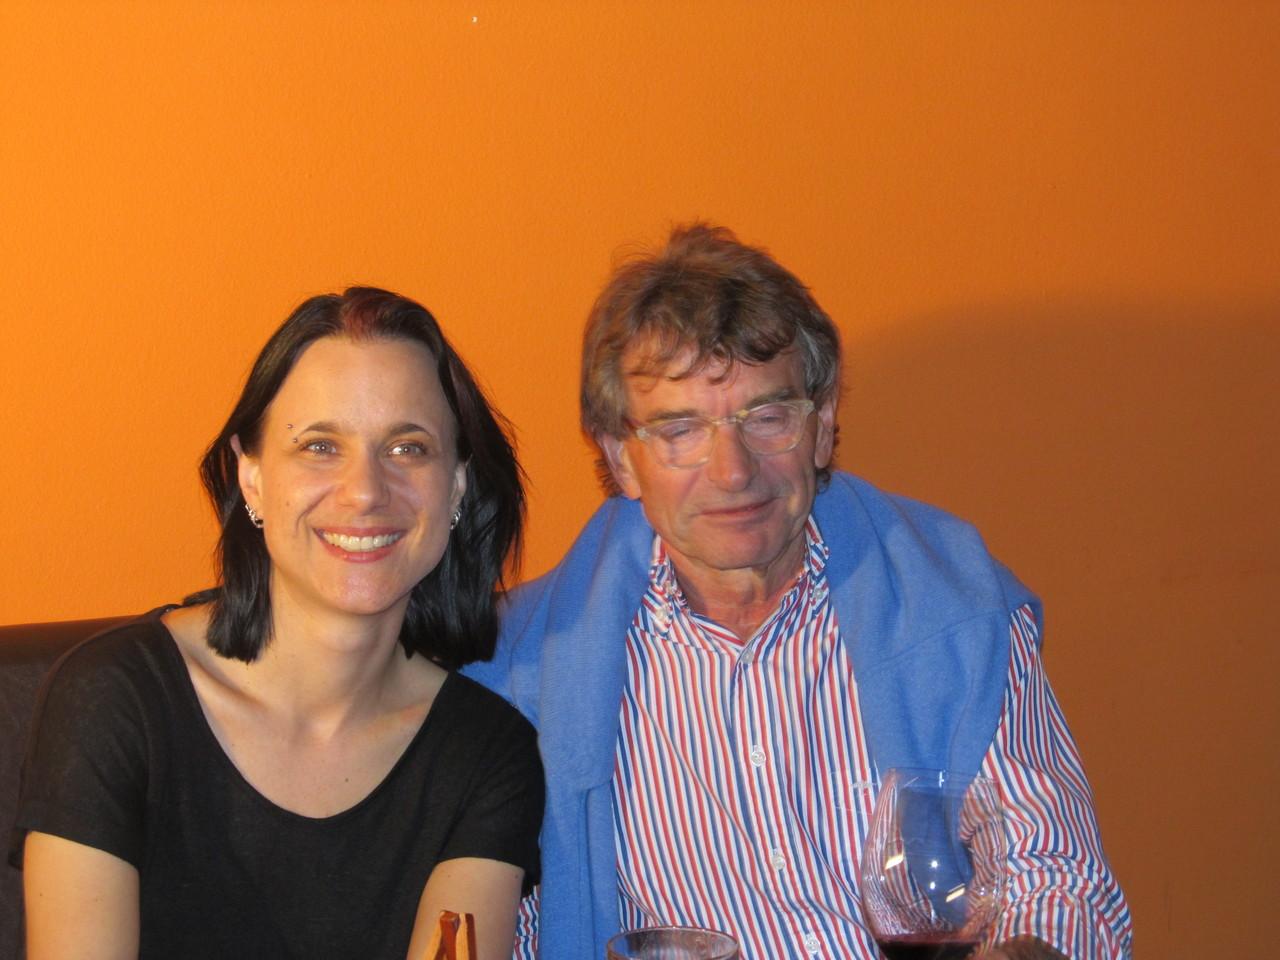 Sabine Brandl und Peter Wirth (Kunstschaffen Wien)